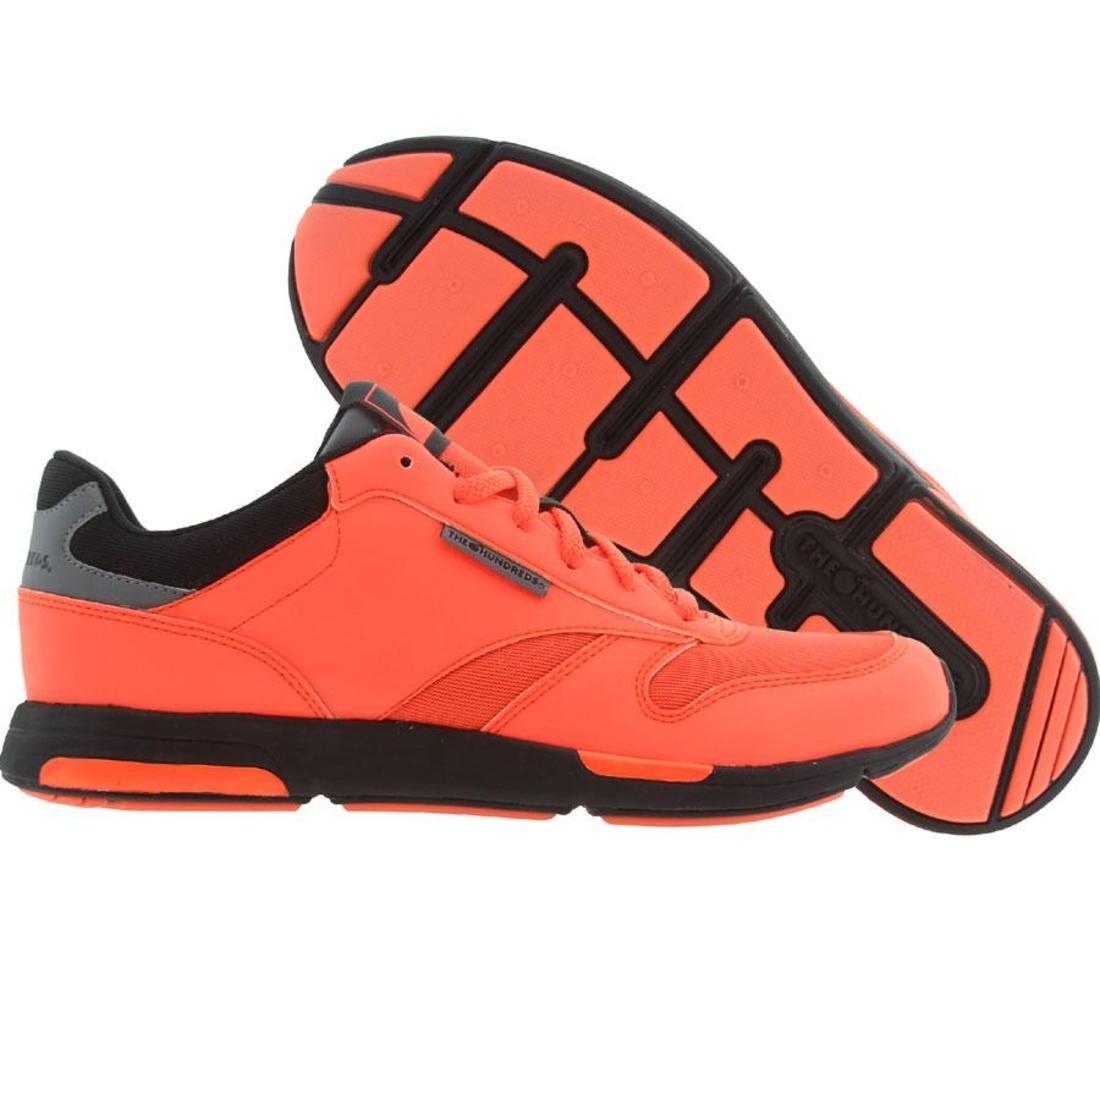 【海外限定】メンズ靴 靴 【 THE HUNDREDS MEN SCULLY RED 3M SPORT MESH 】